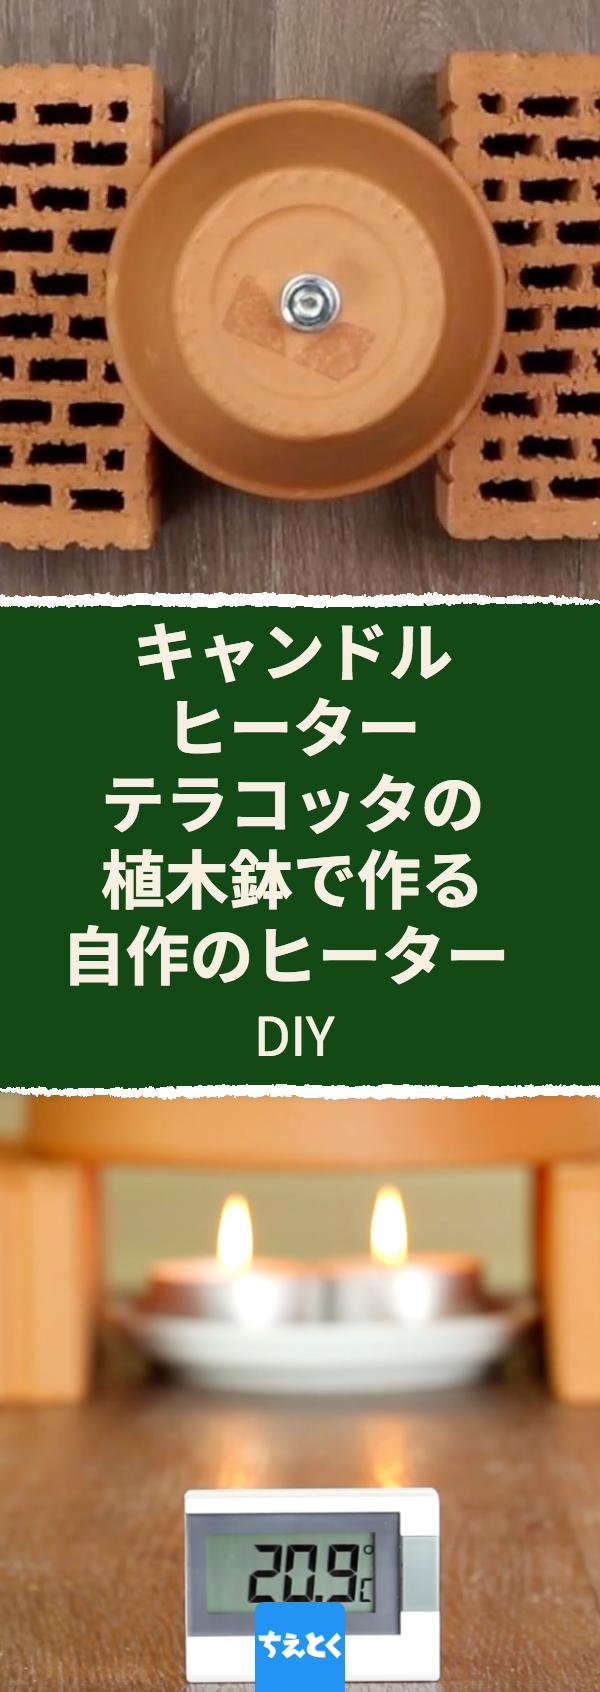 寒い室内をこれで暖める 超ローコストなのに何とも心地よく暖かい キャンドル ヒーターdiy テラコッタの植木鉢で作る自作のヒーター 暖房 キャンドル ヒーター 自作 インテリア 工作 冬 アイデア キャンドルヒーター 暖房 キャンプ 暖房